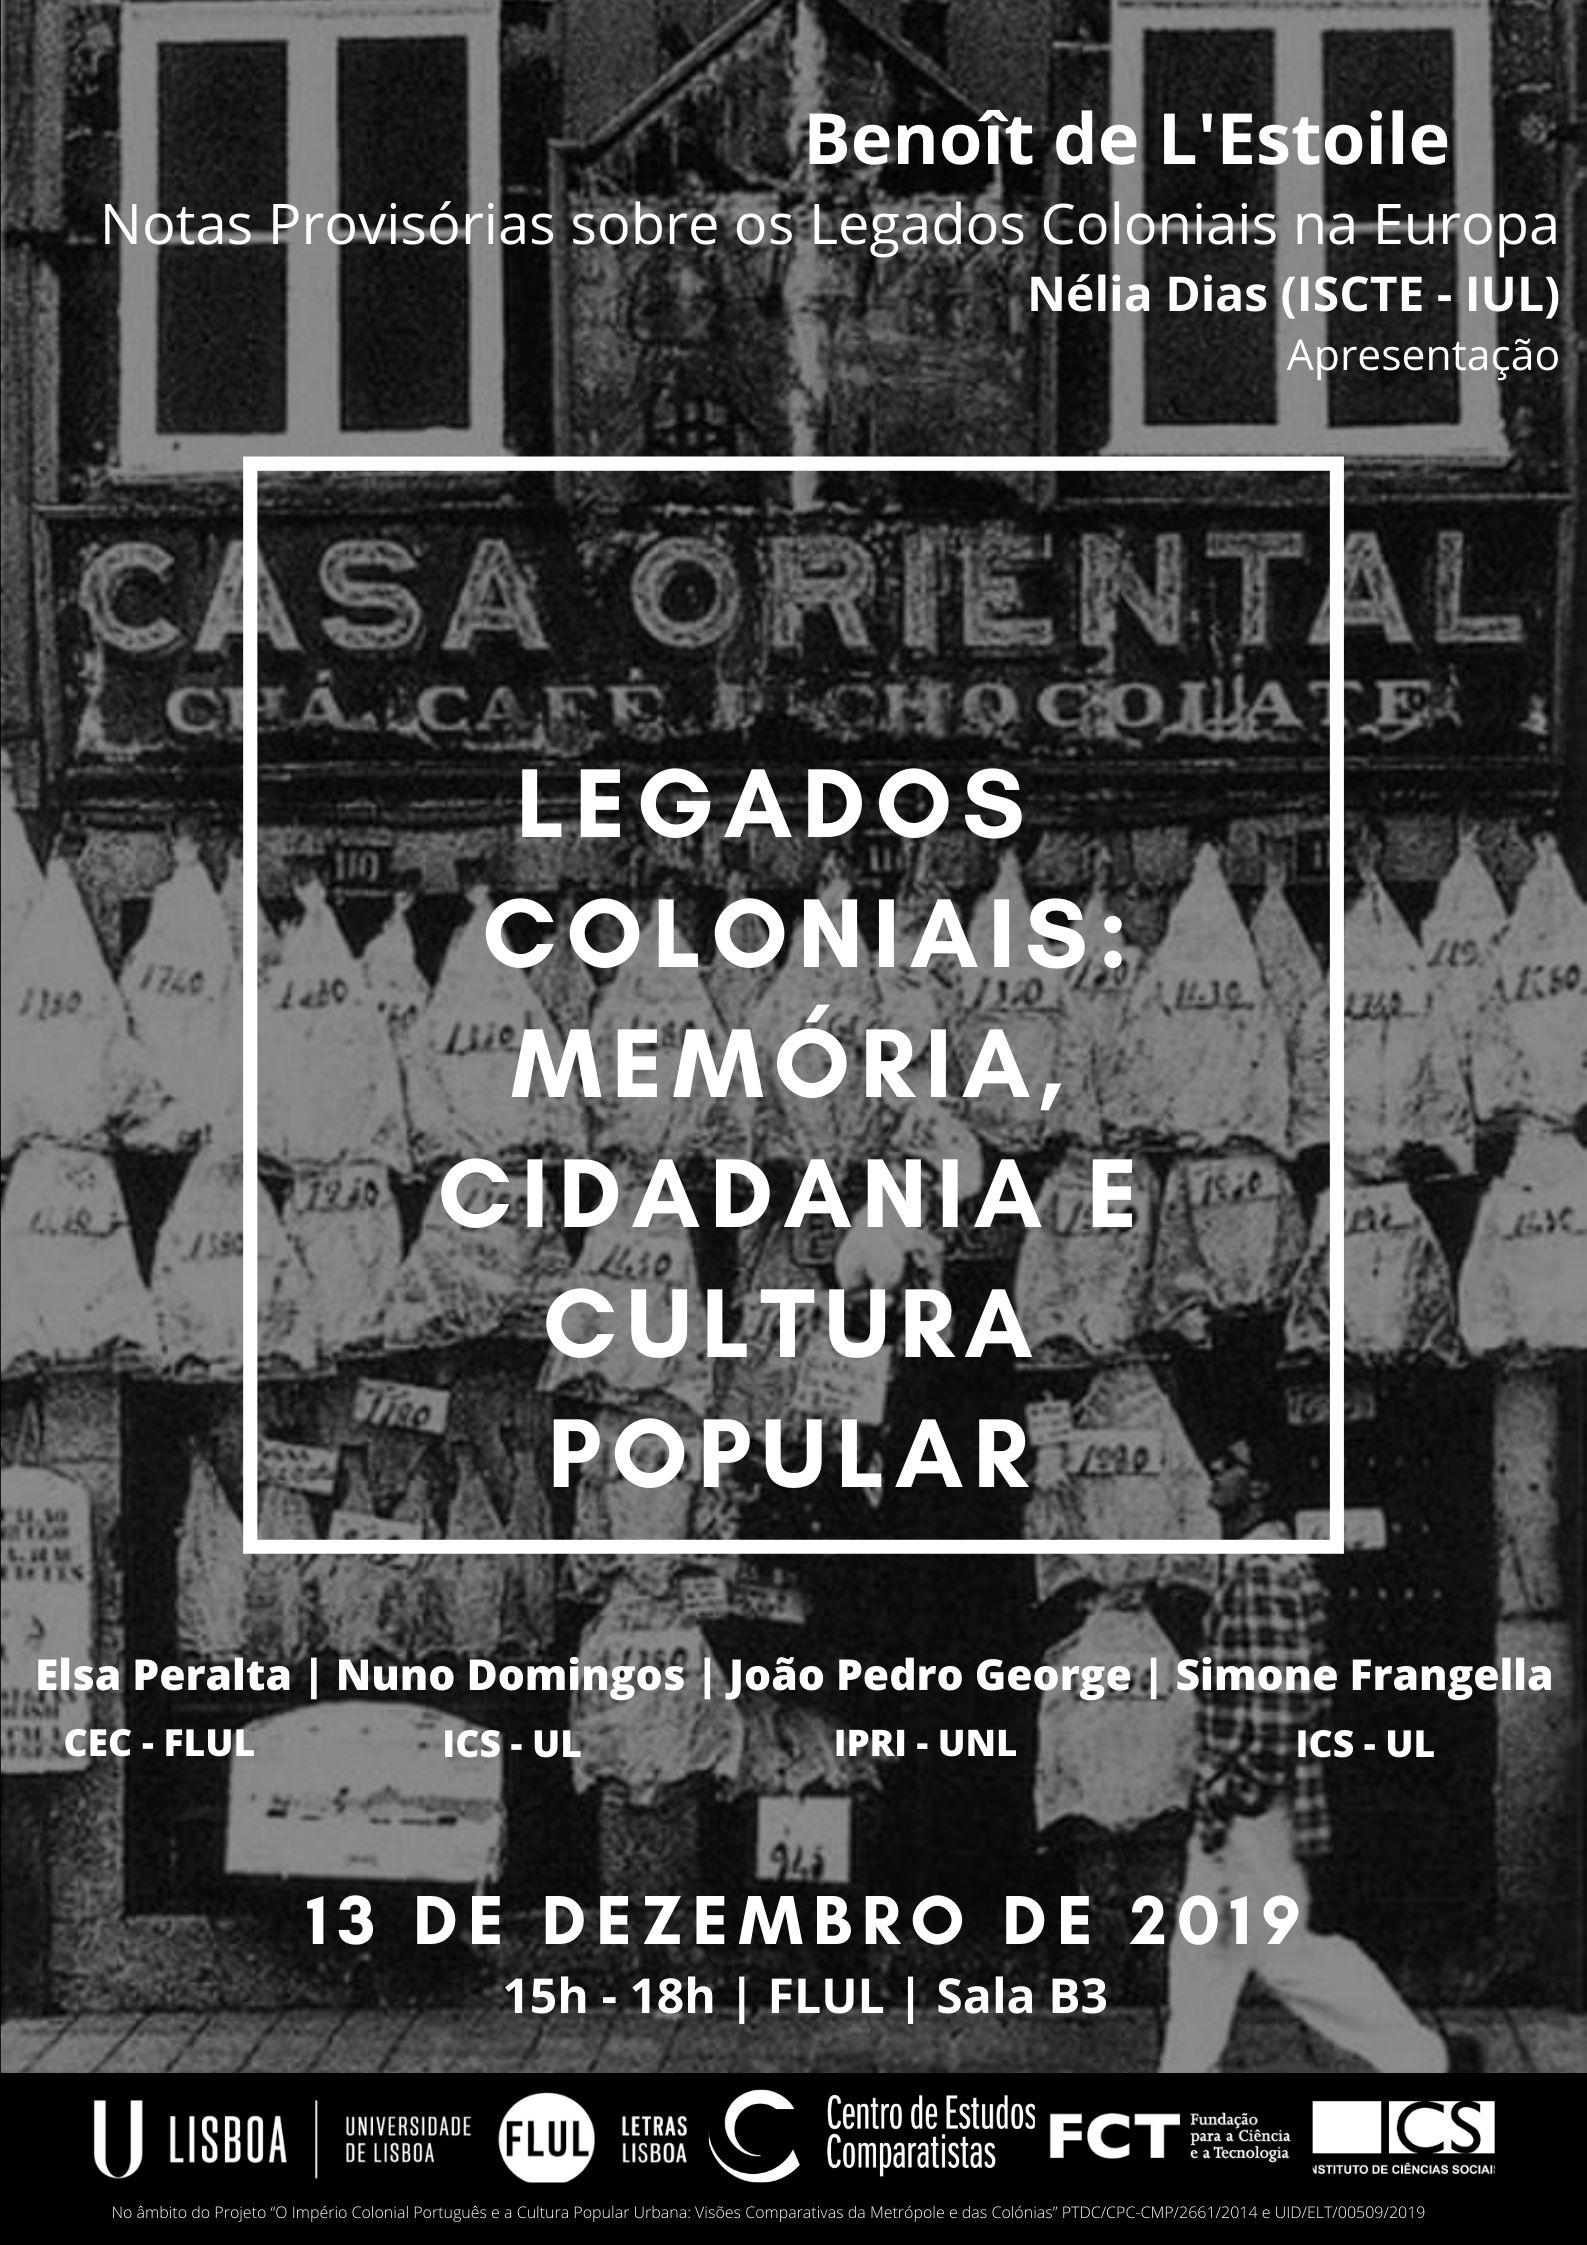 Legados coloniais: memória, cidadania e cultura popular